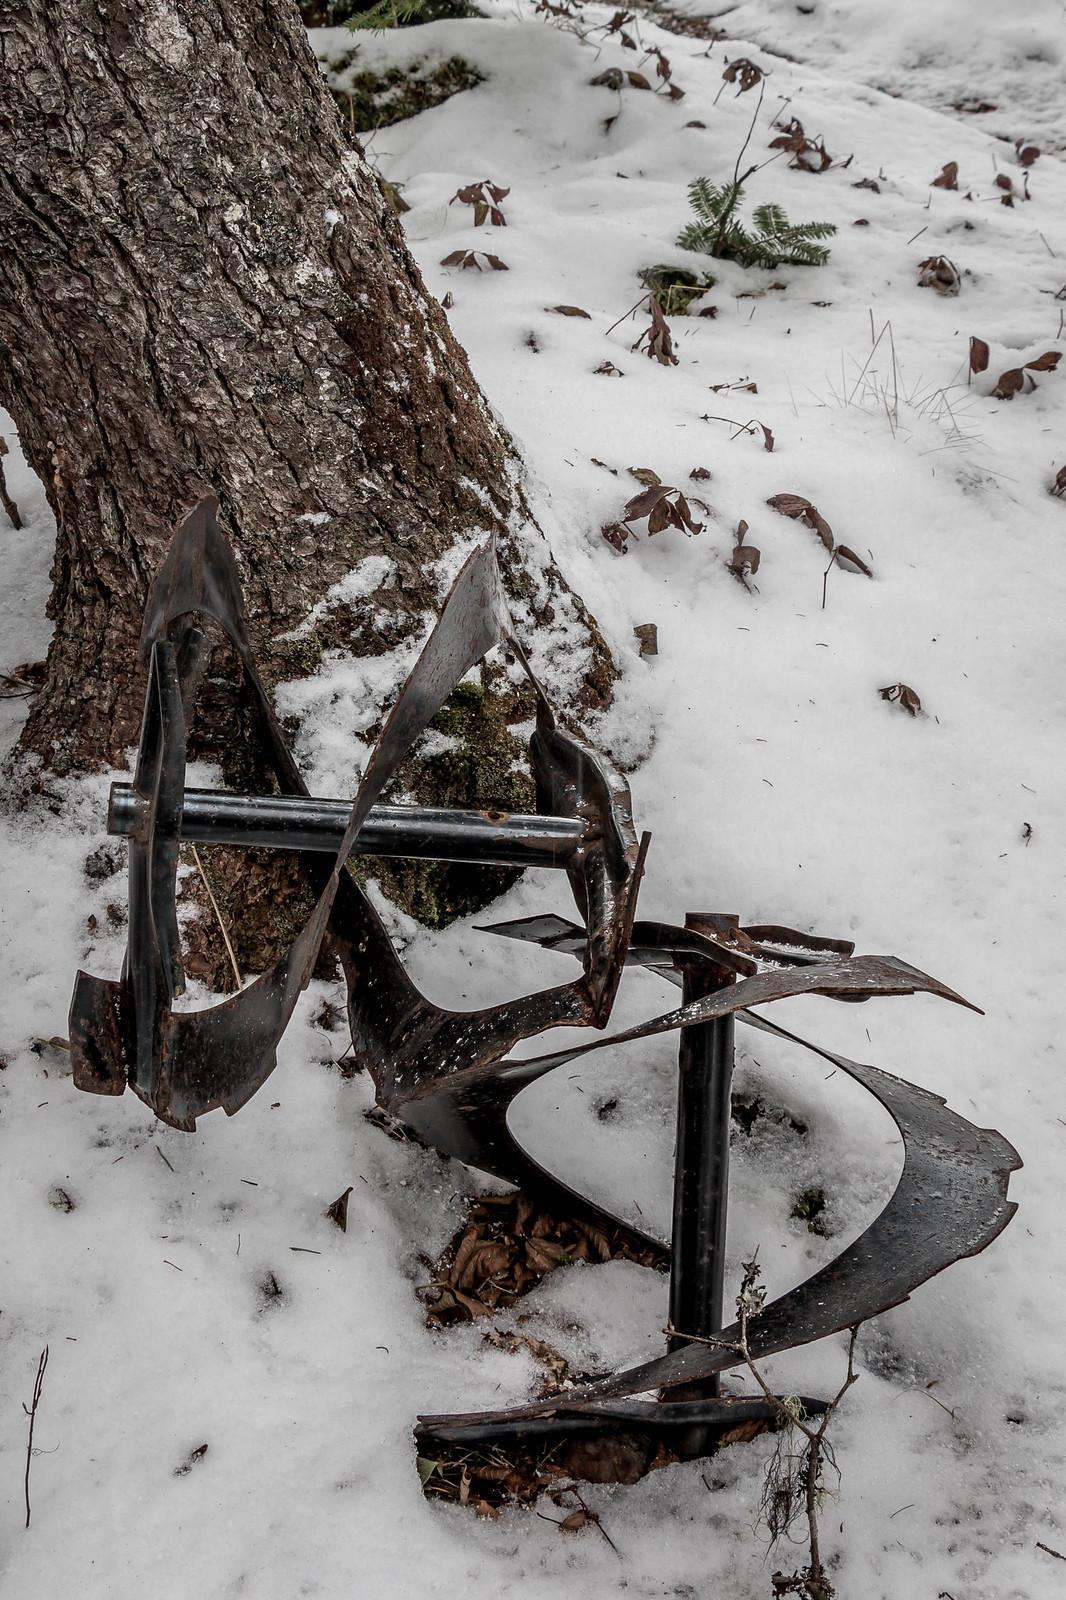 snowblower blades